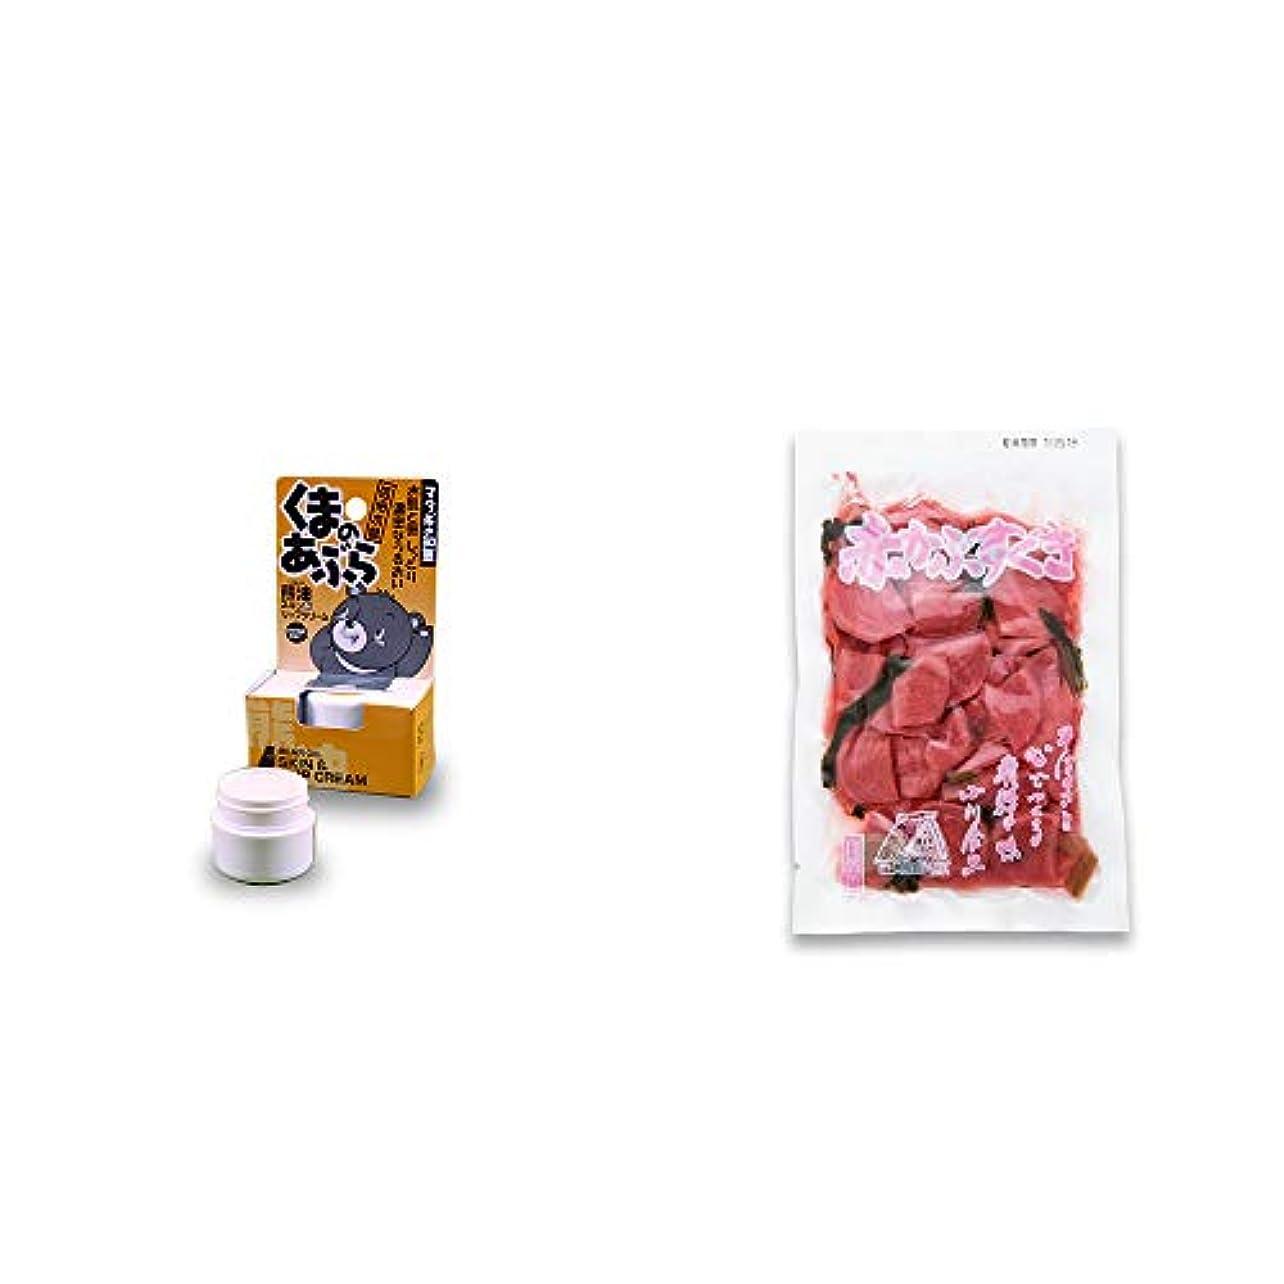 放課後輪郭メアリアンジョーンズ[2点セット] 信州木曽 くまのあぶら 熊油スキン&リップクリーム(9g)?赤かぶすぐき(160g)